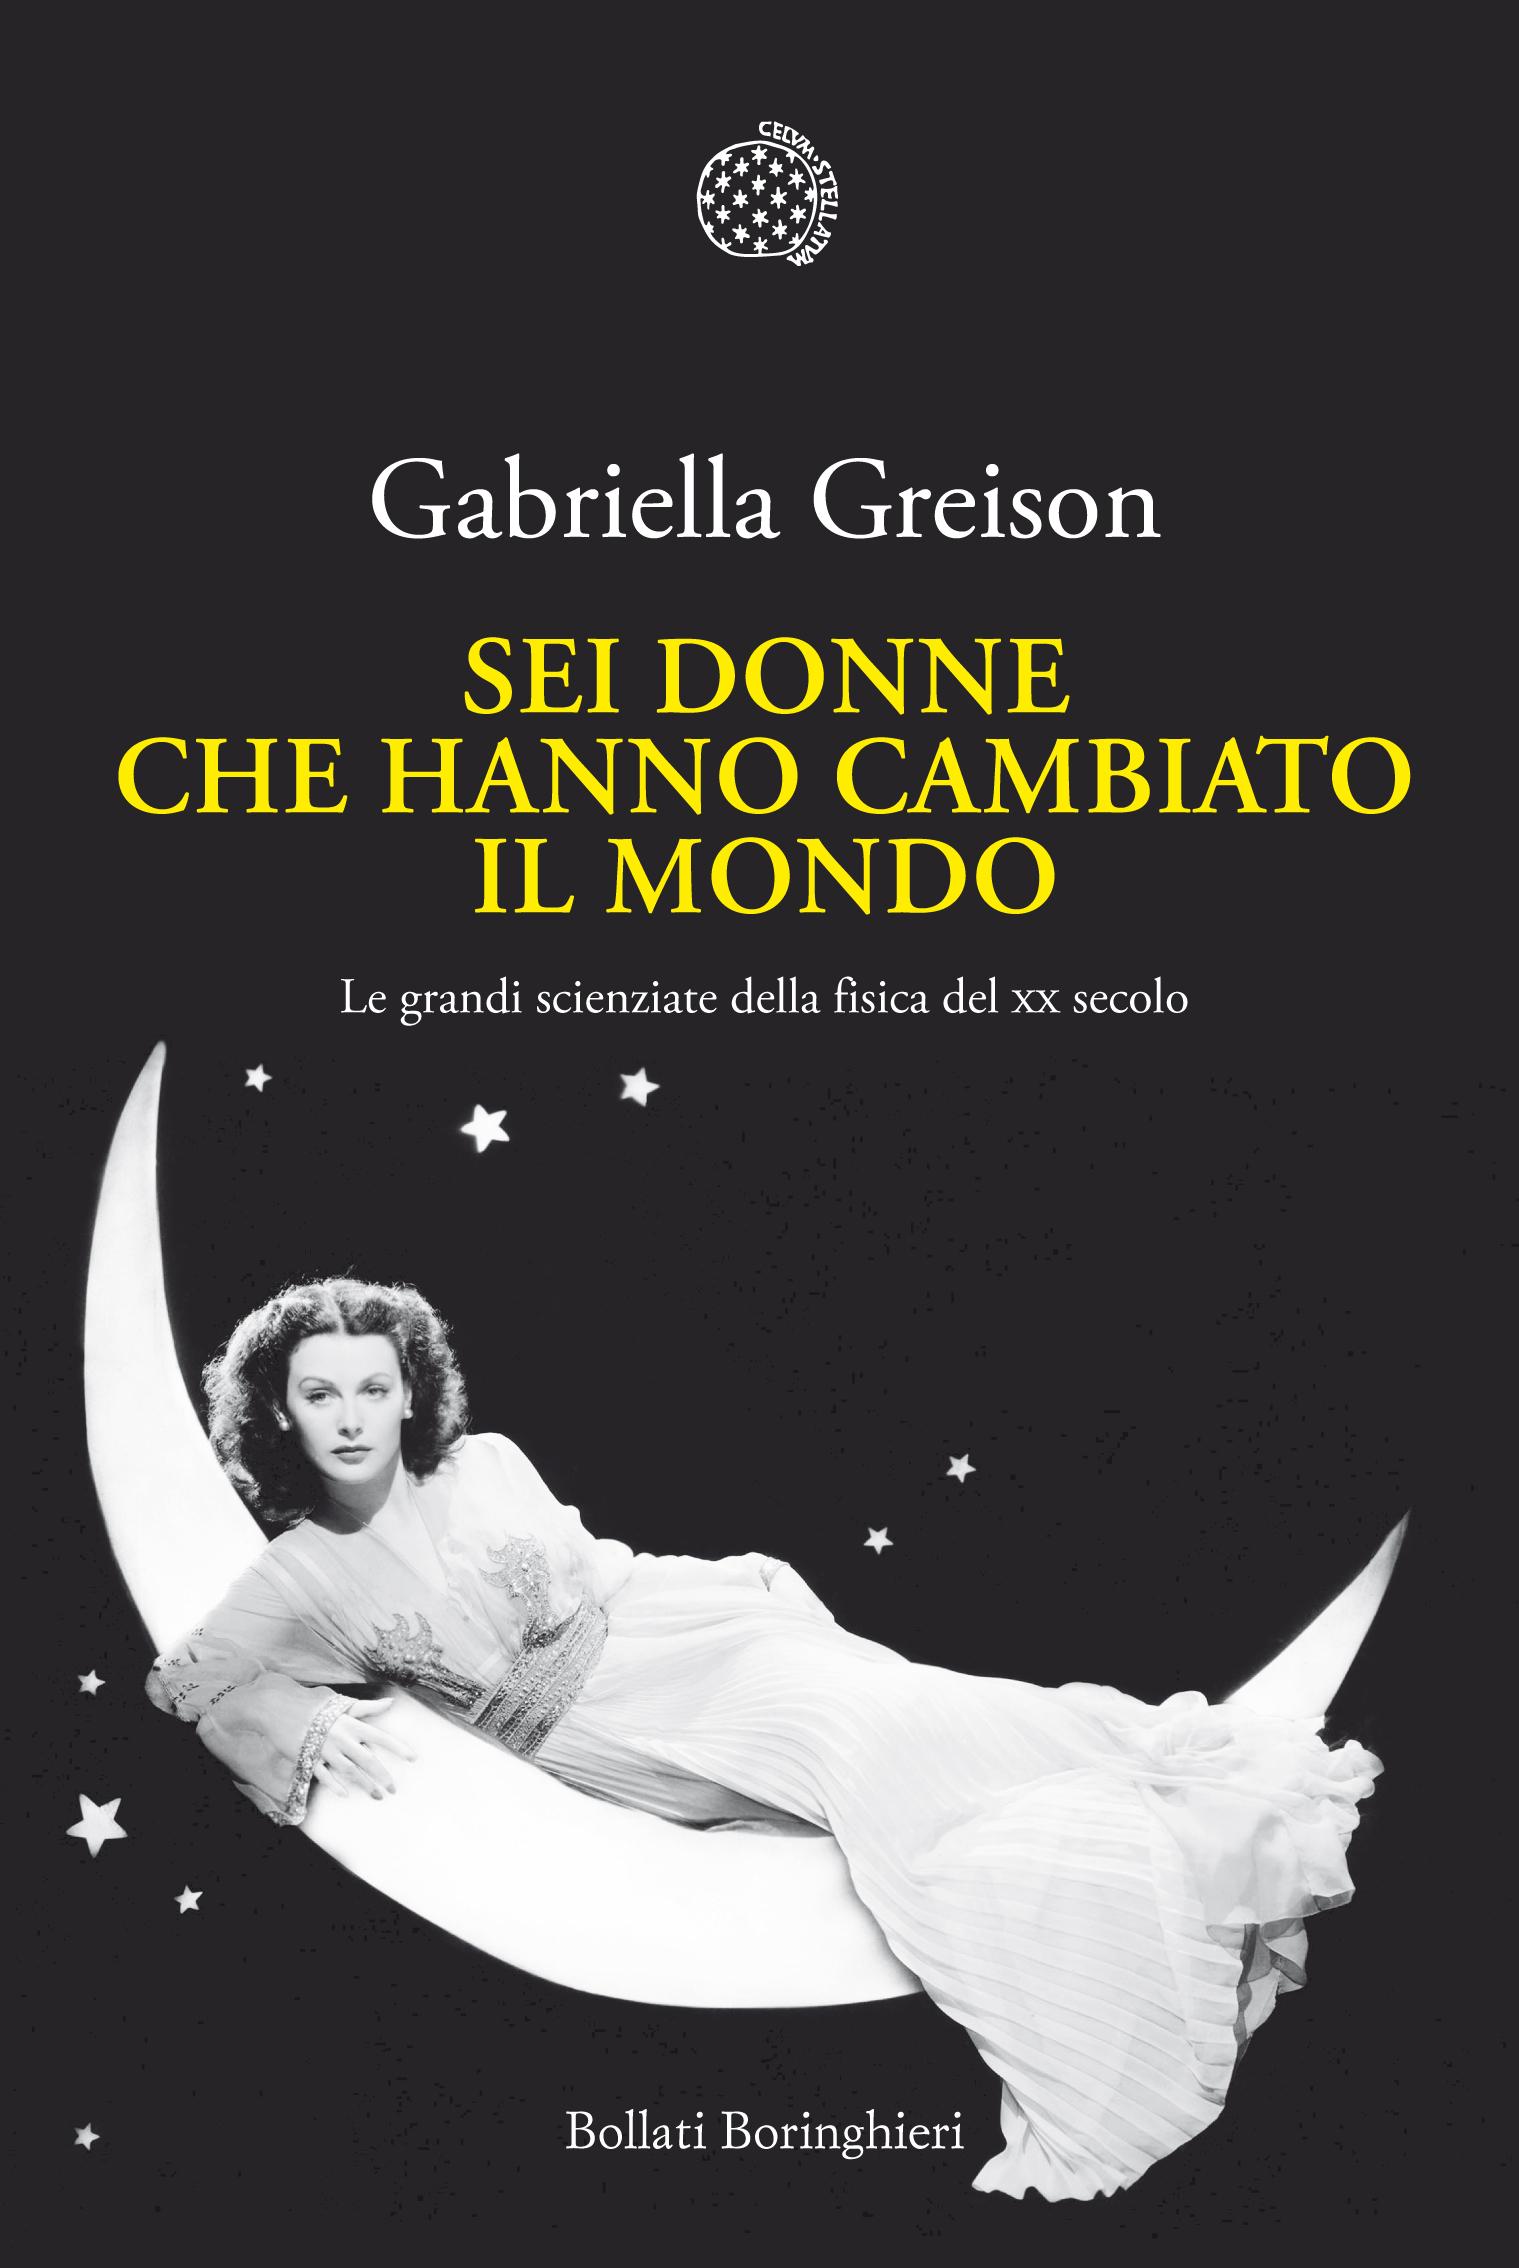 Acquista il libro di Gabriella Greison